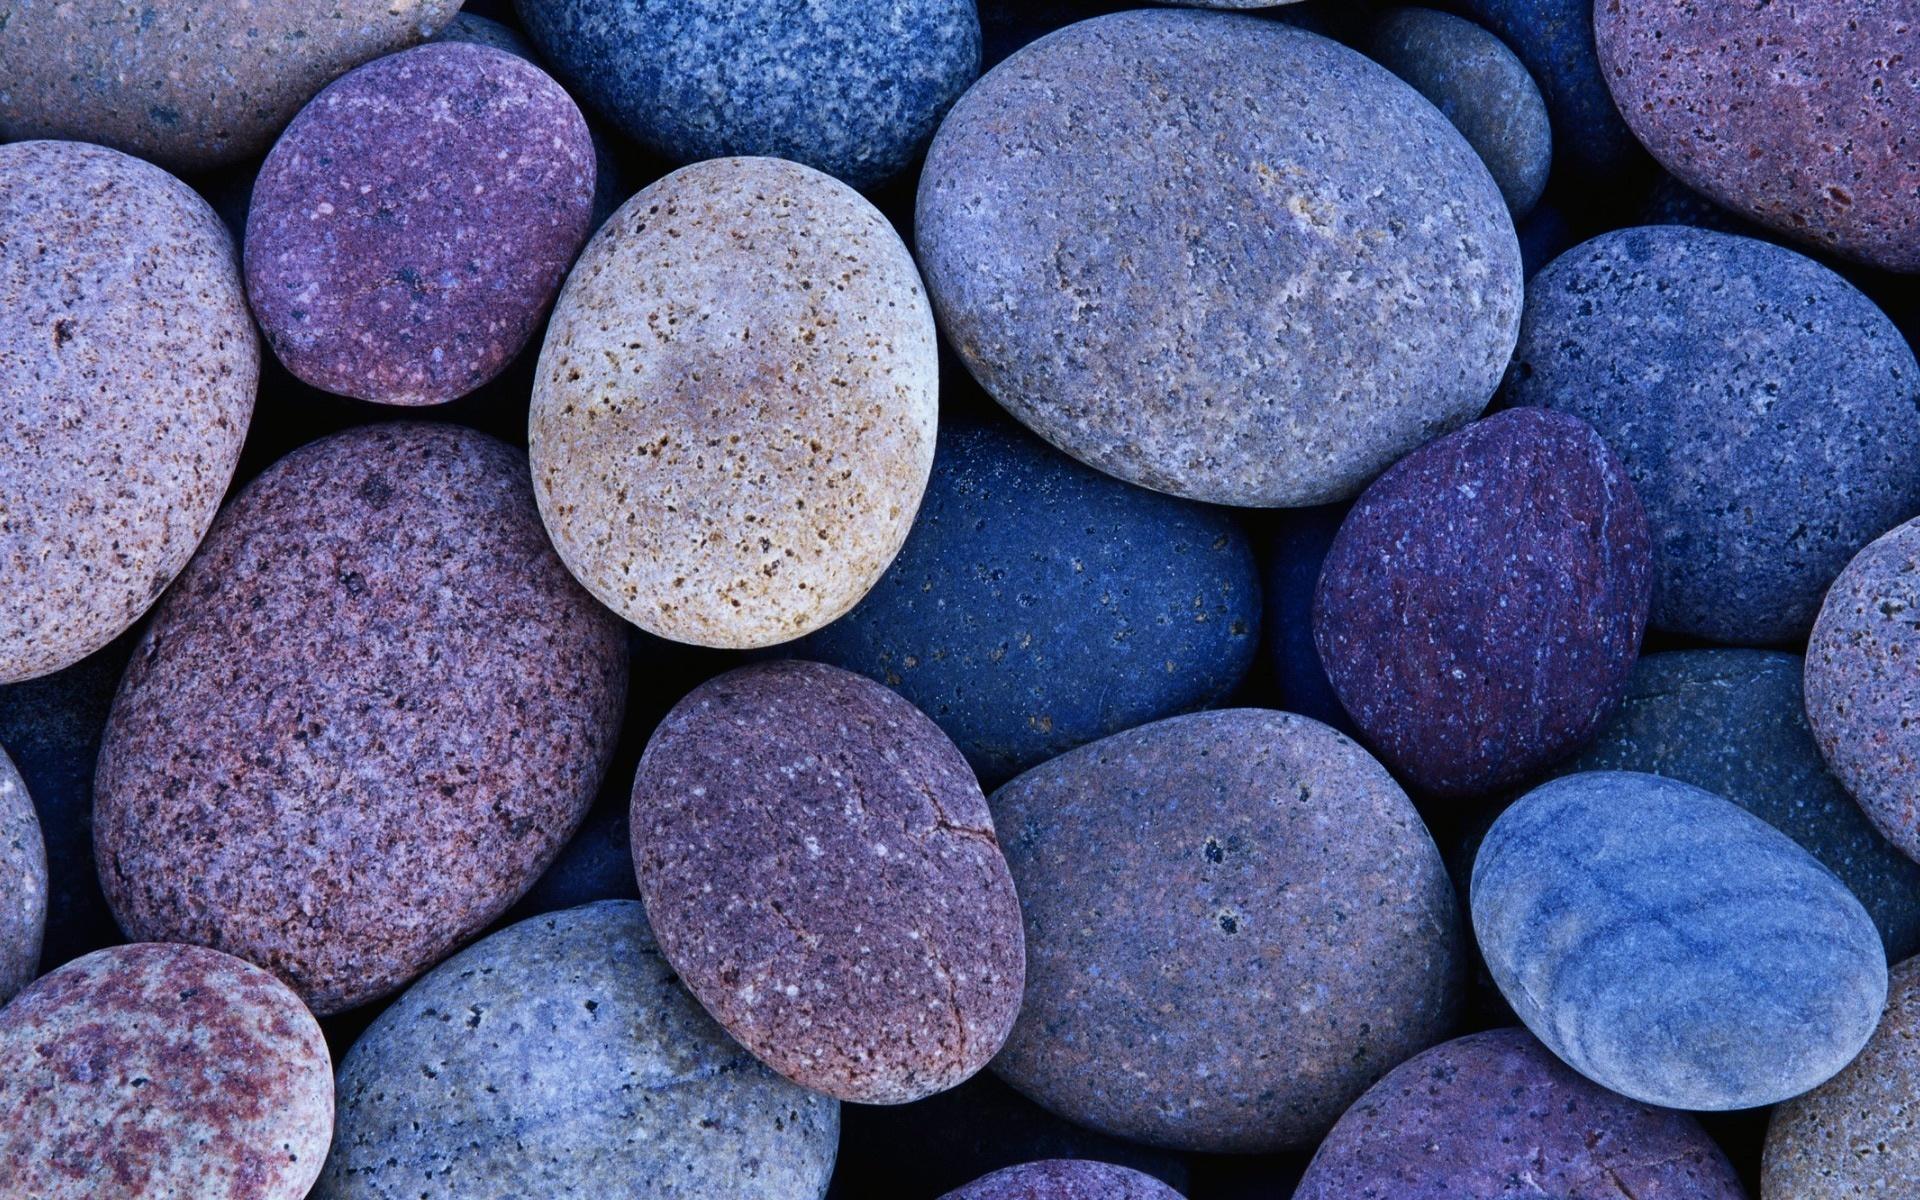 Камни камни разрешение картинки